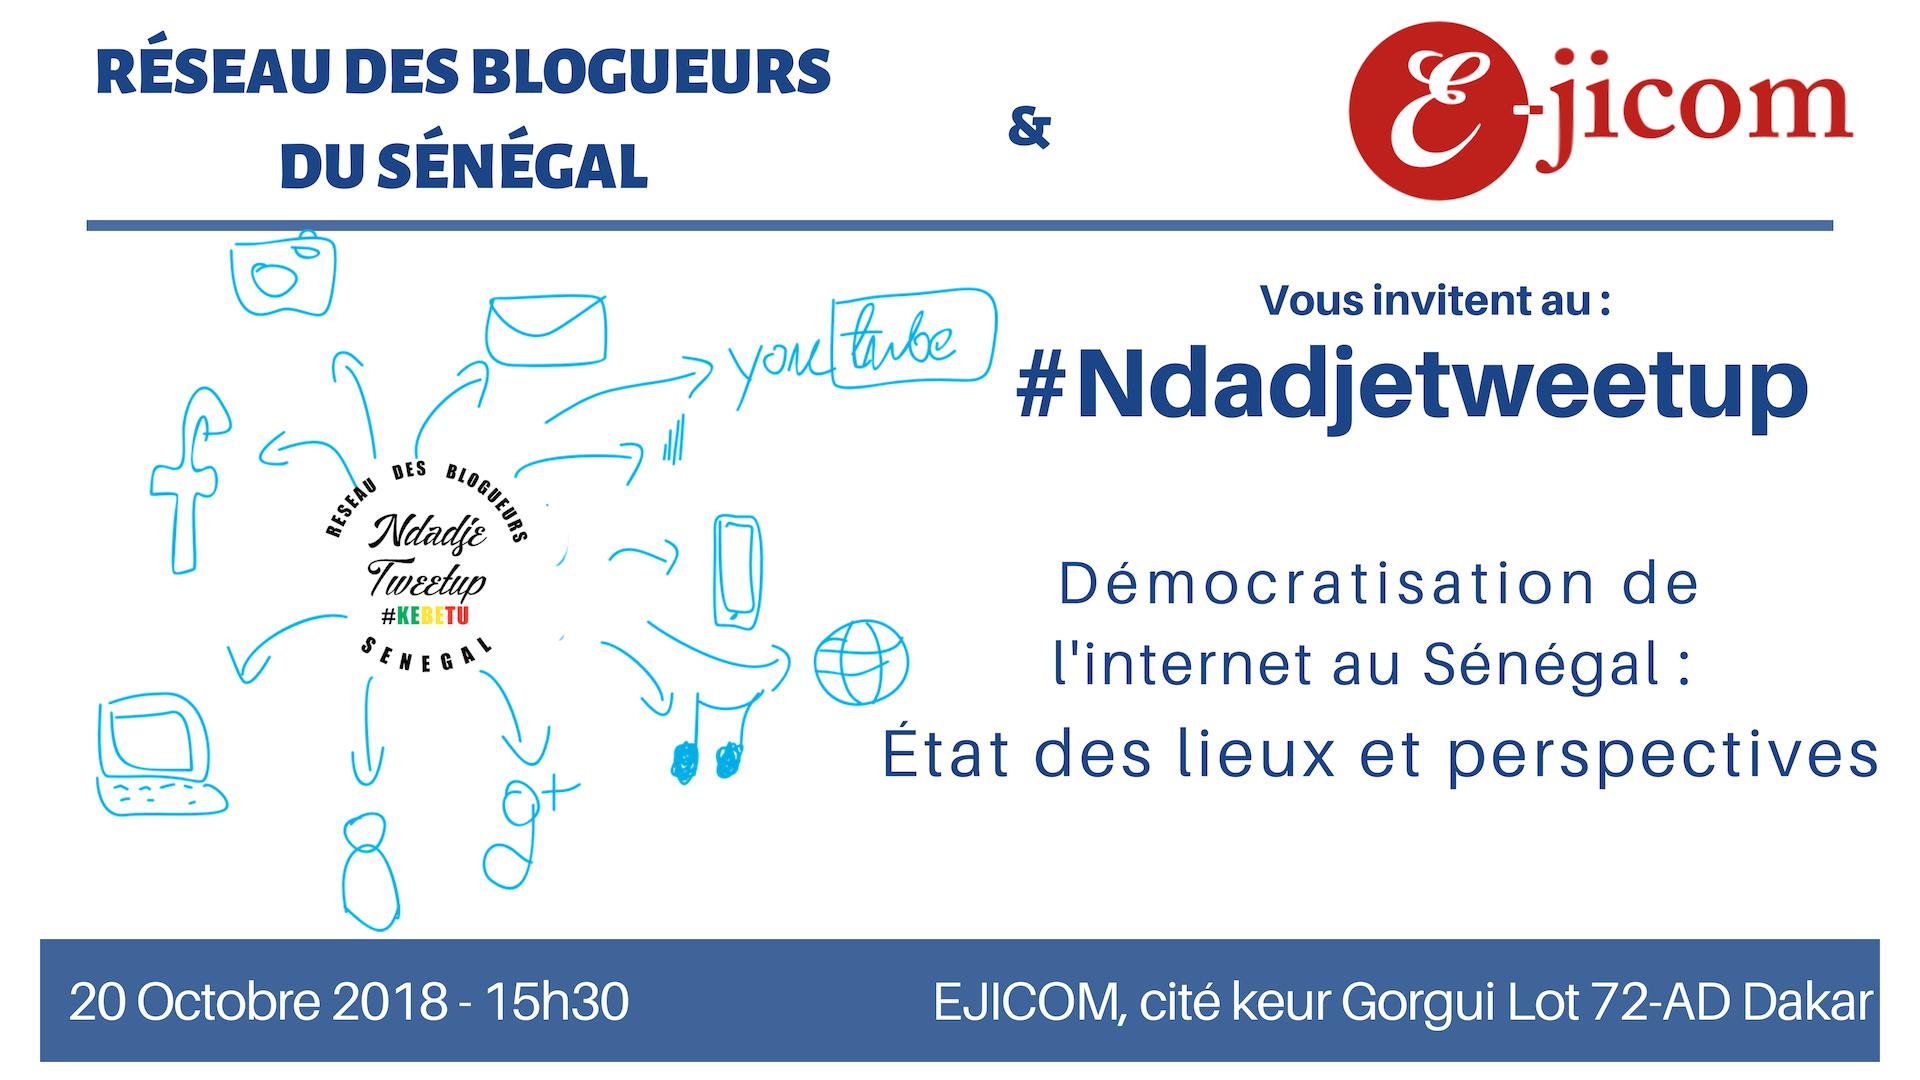 Le réseau des blogueurs se penche sur la Démocratisation de l'internet au Sénégal